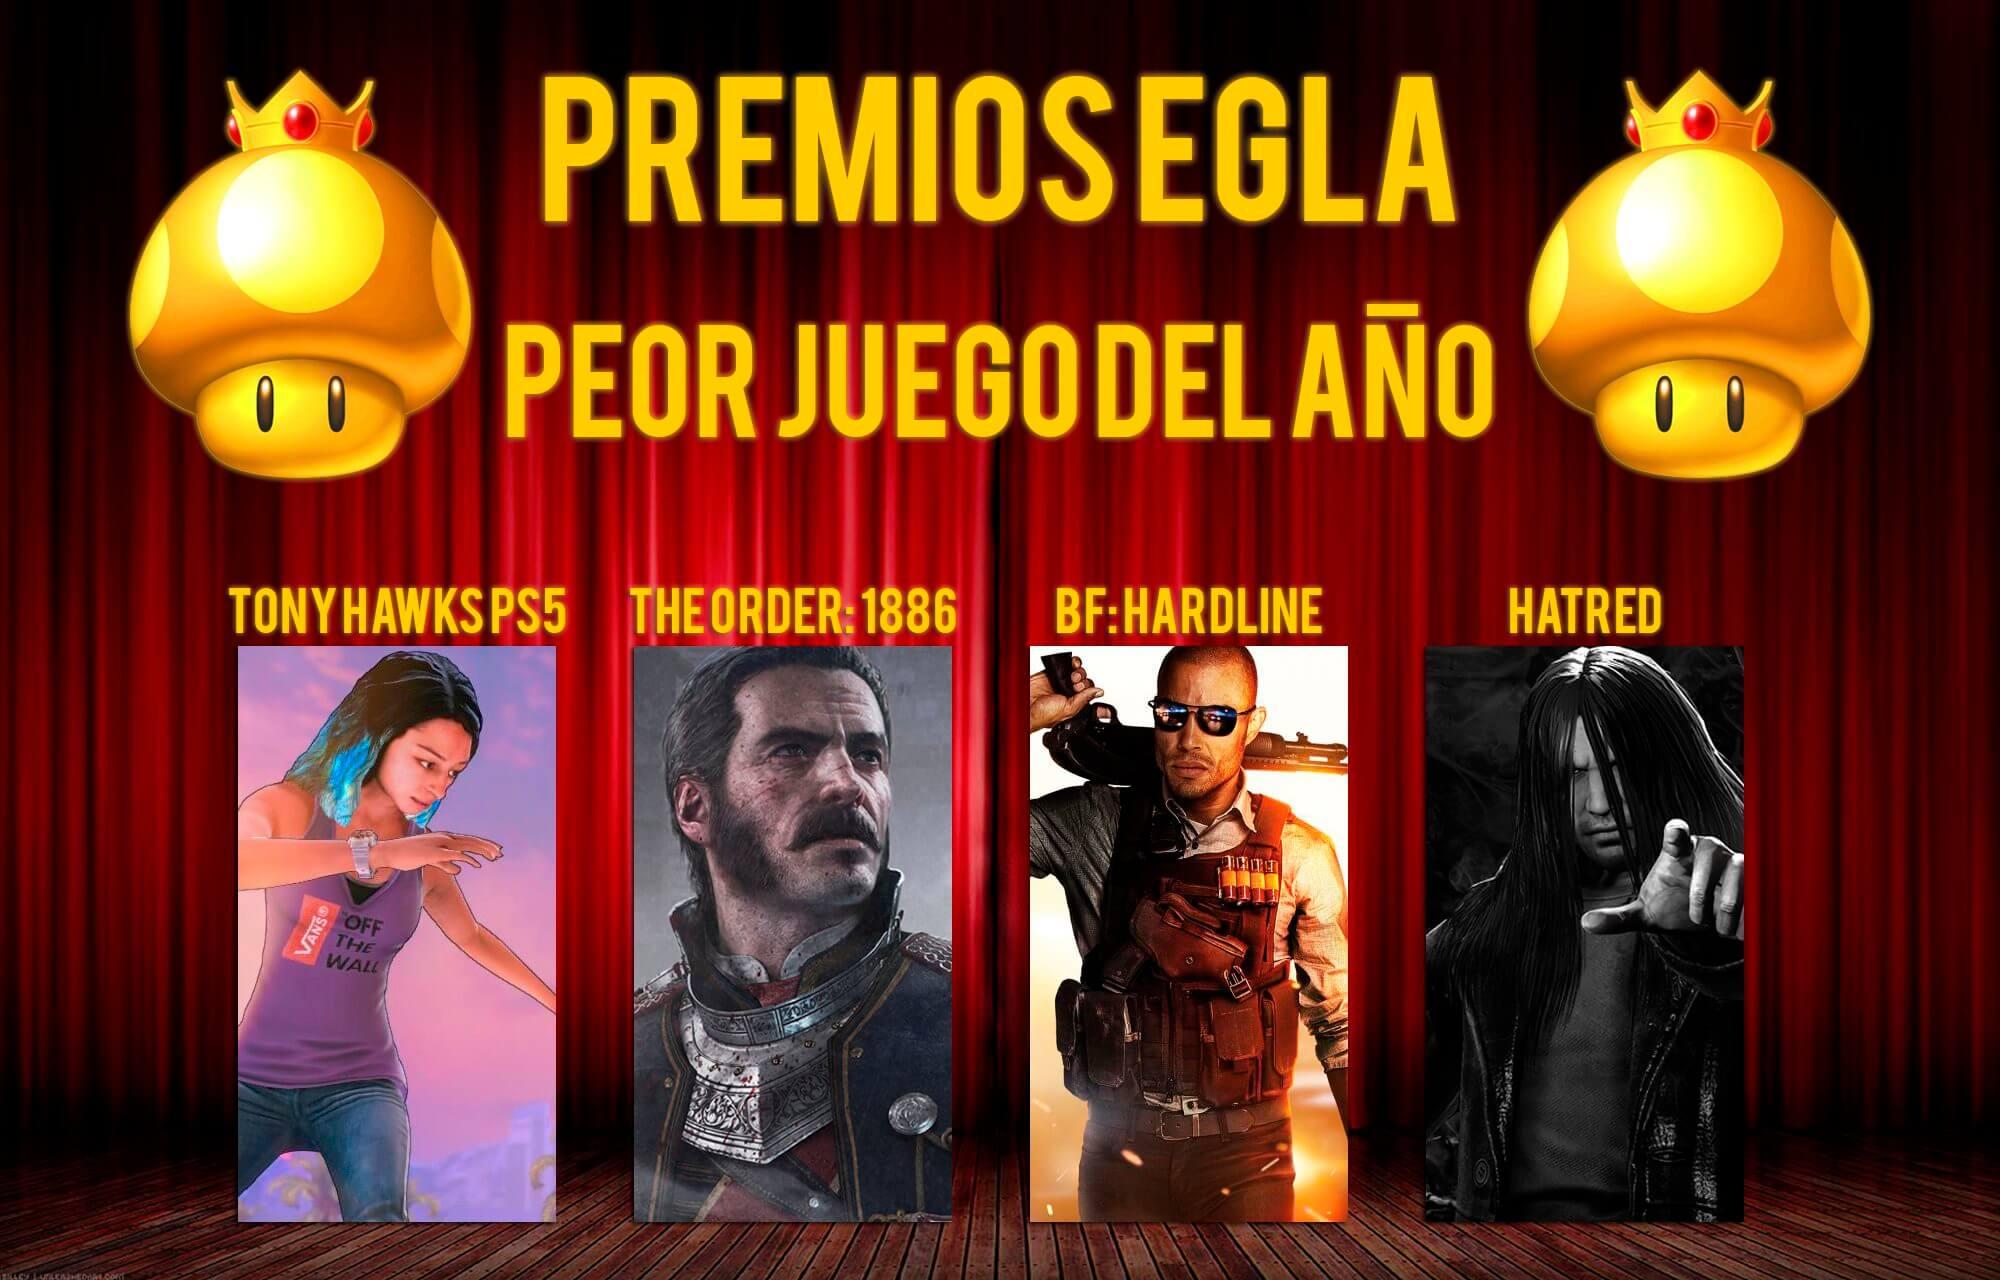 Premios EGLA 2015 Peor juego del año